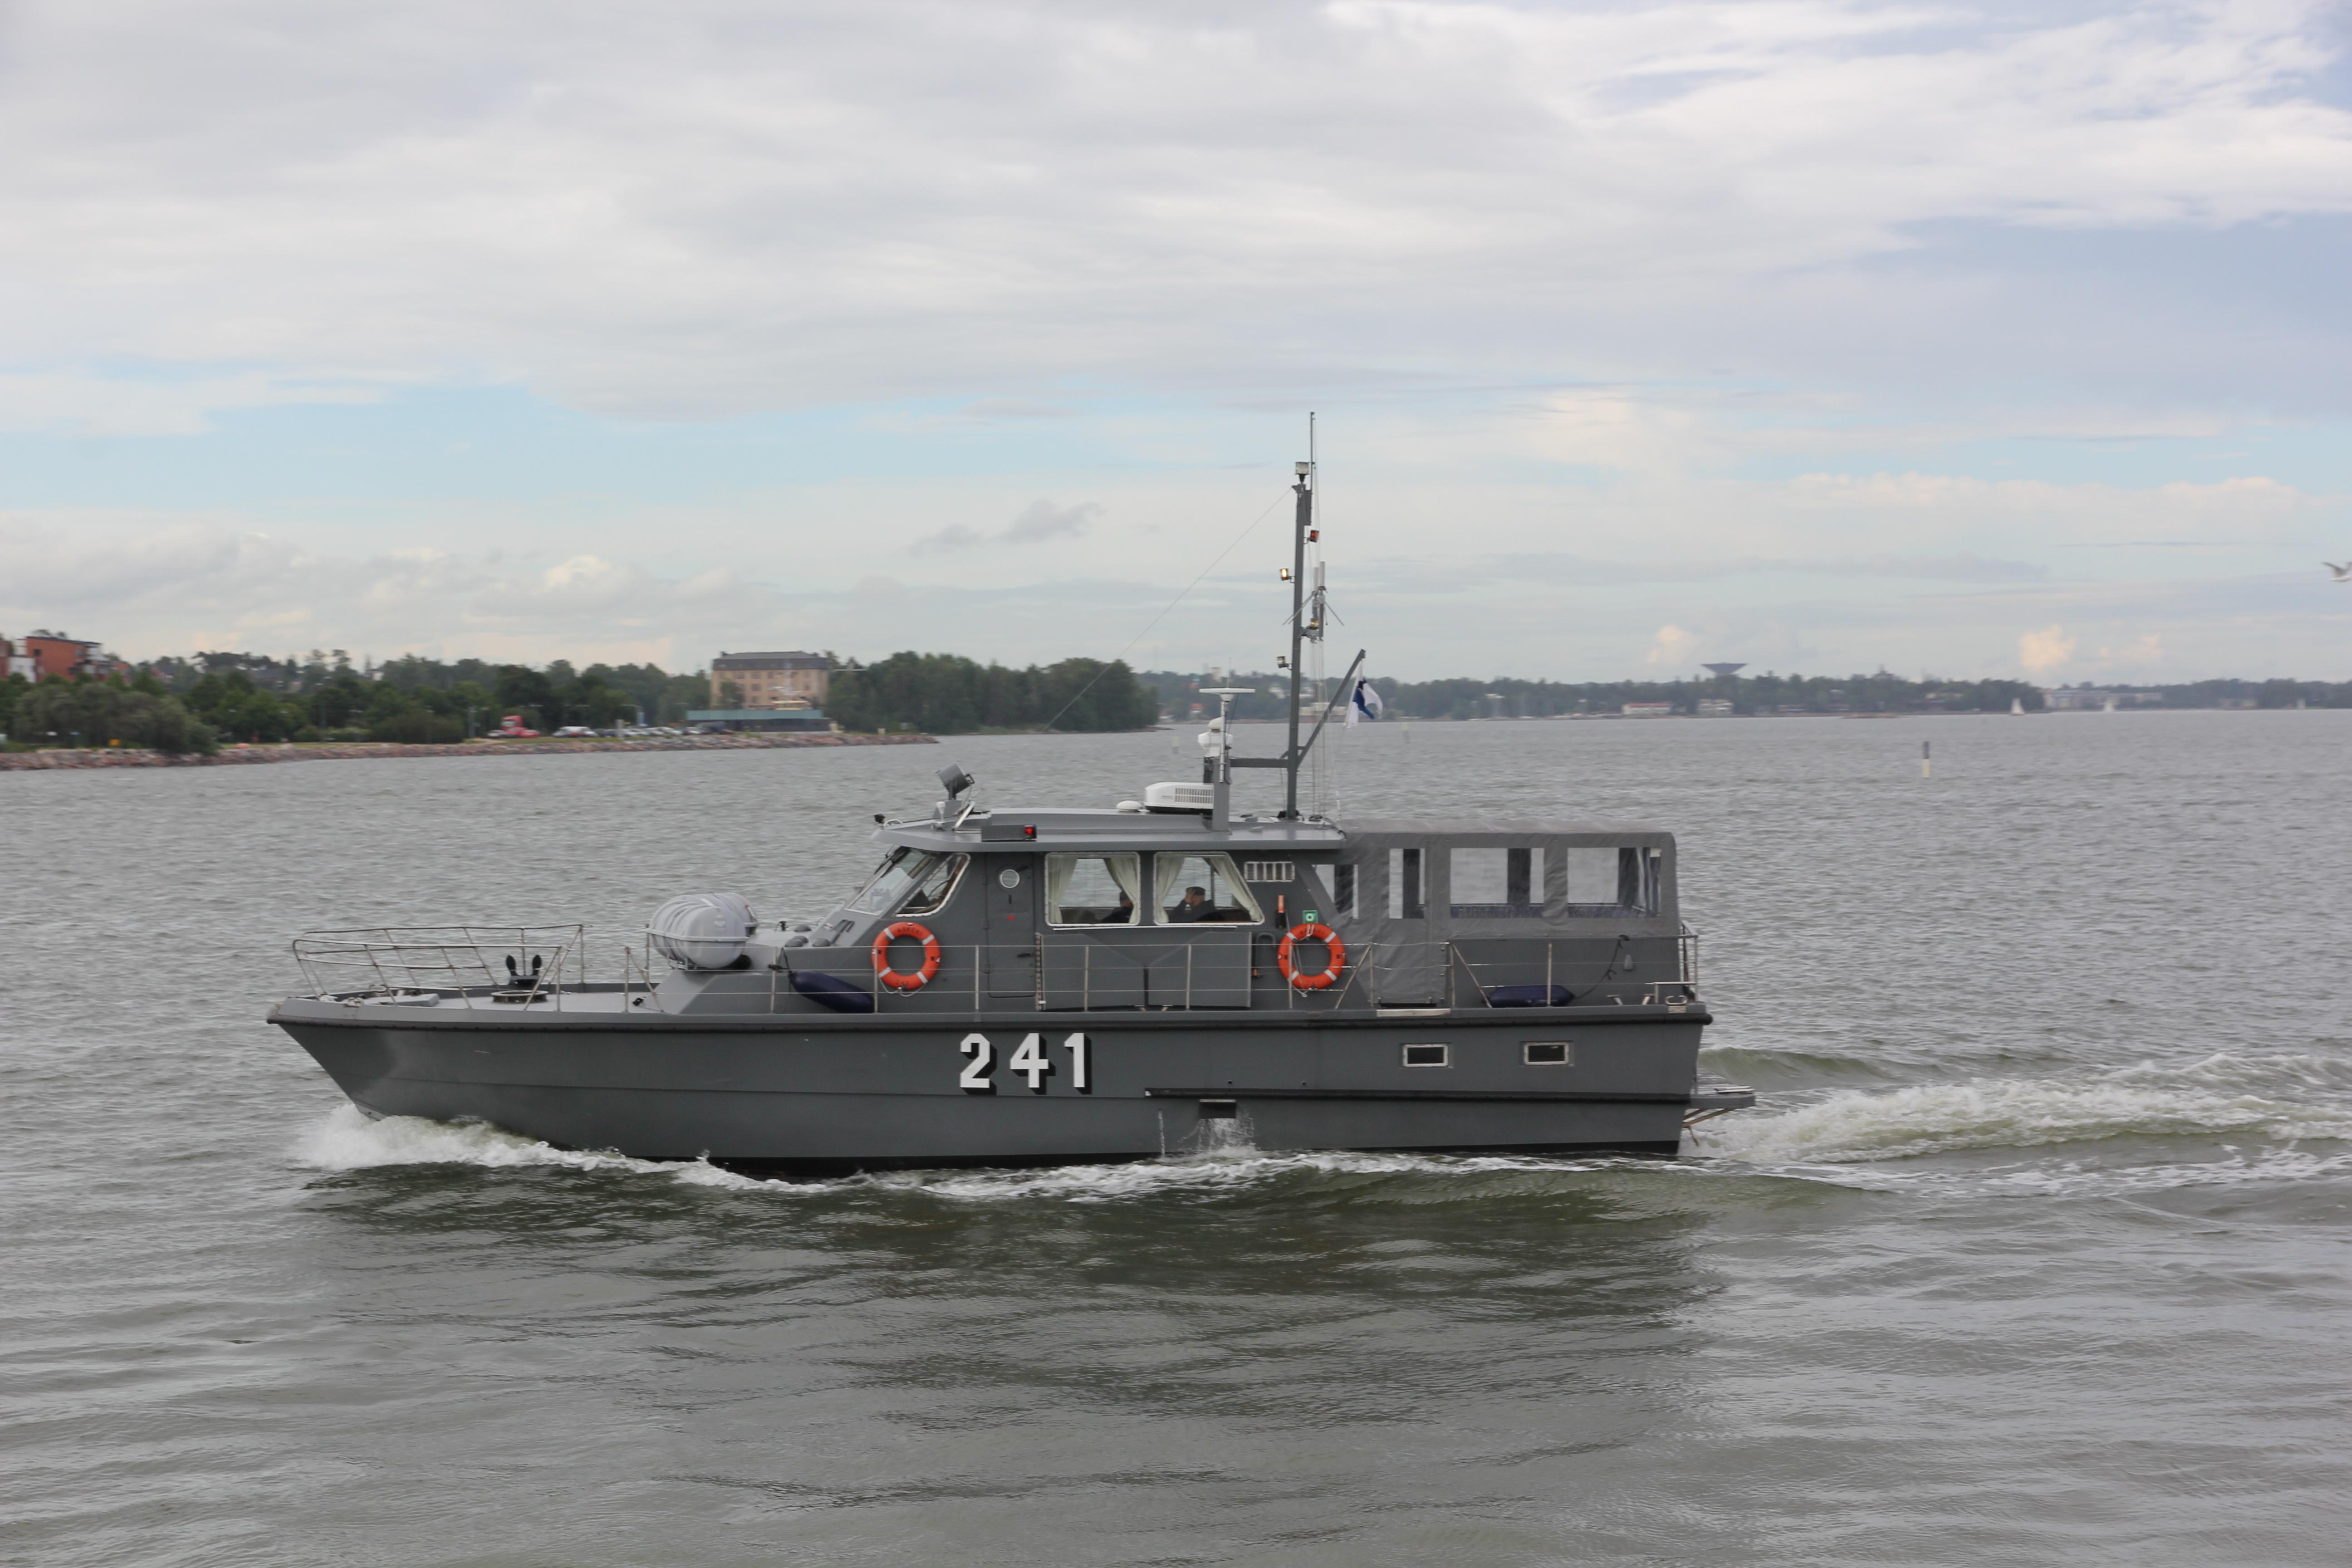 File:Askeri Merivoimien vuosipäivä 2015 01 JPG - Wikimedia Commons